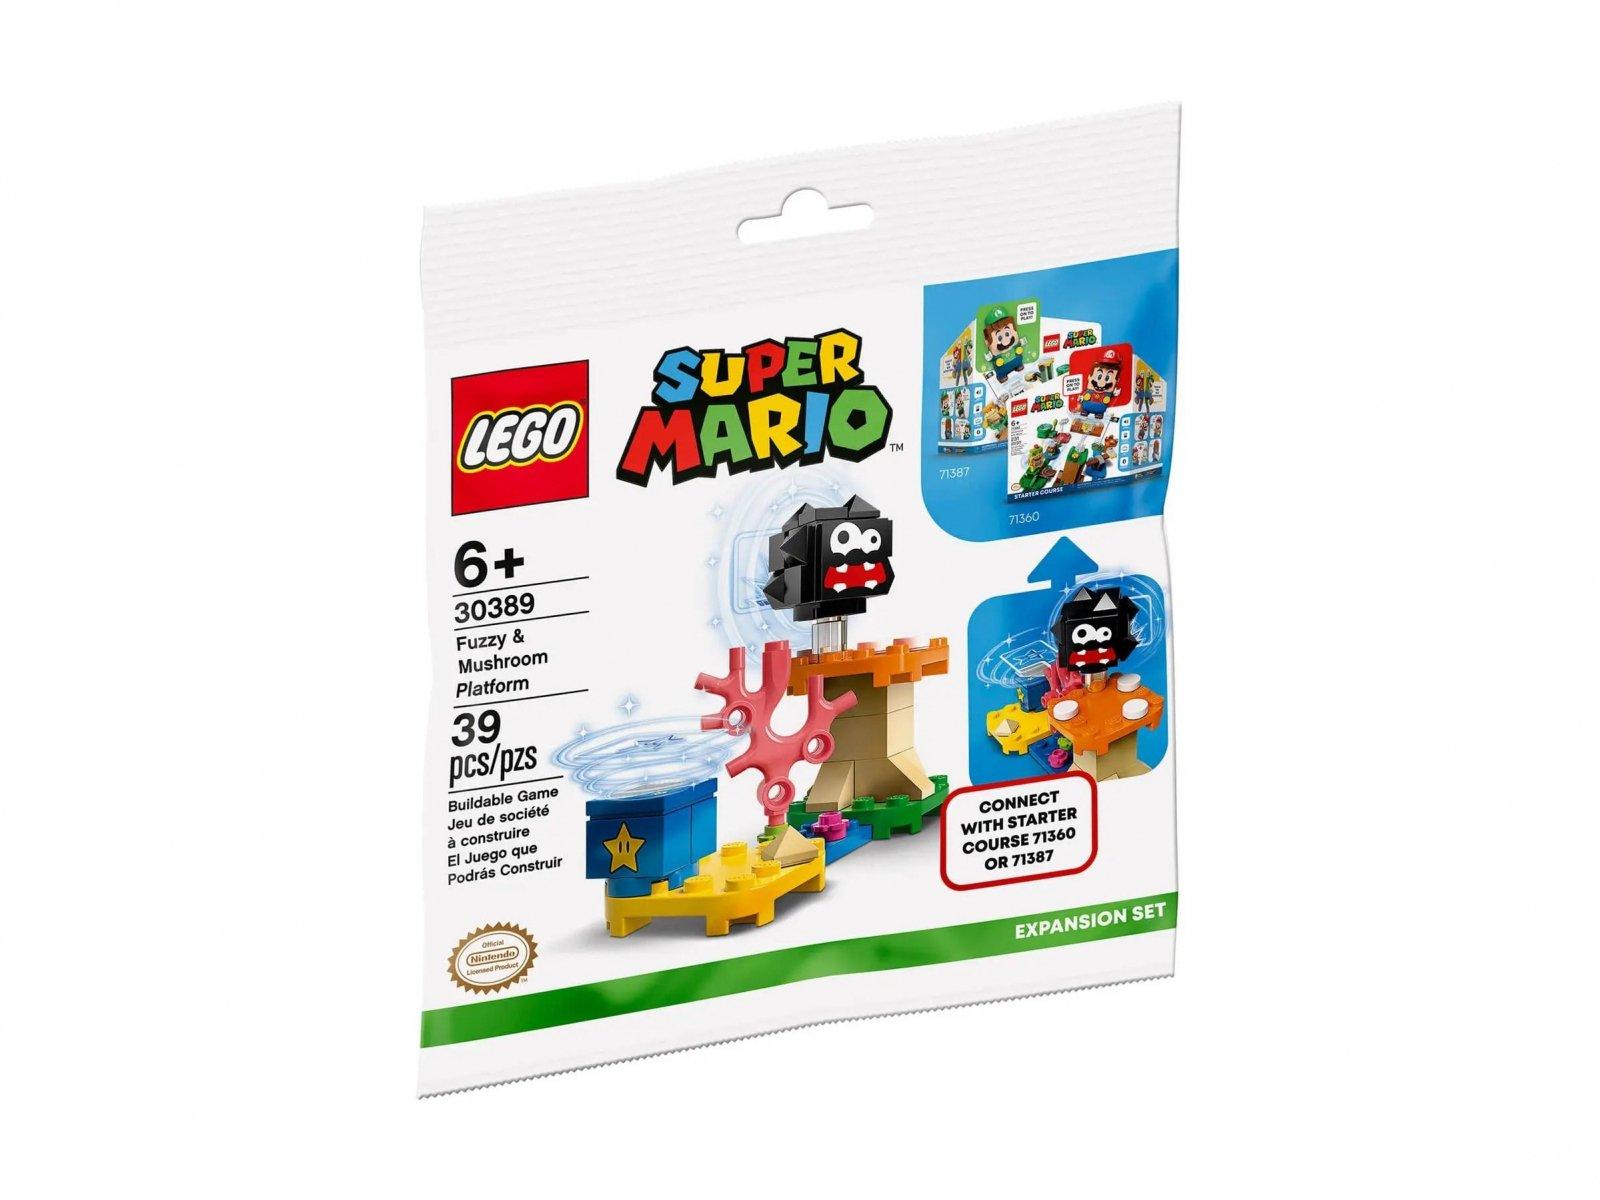 LEGO 30389 Super Mario Fuzzy i platforma z grzybem